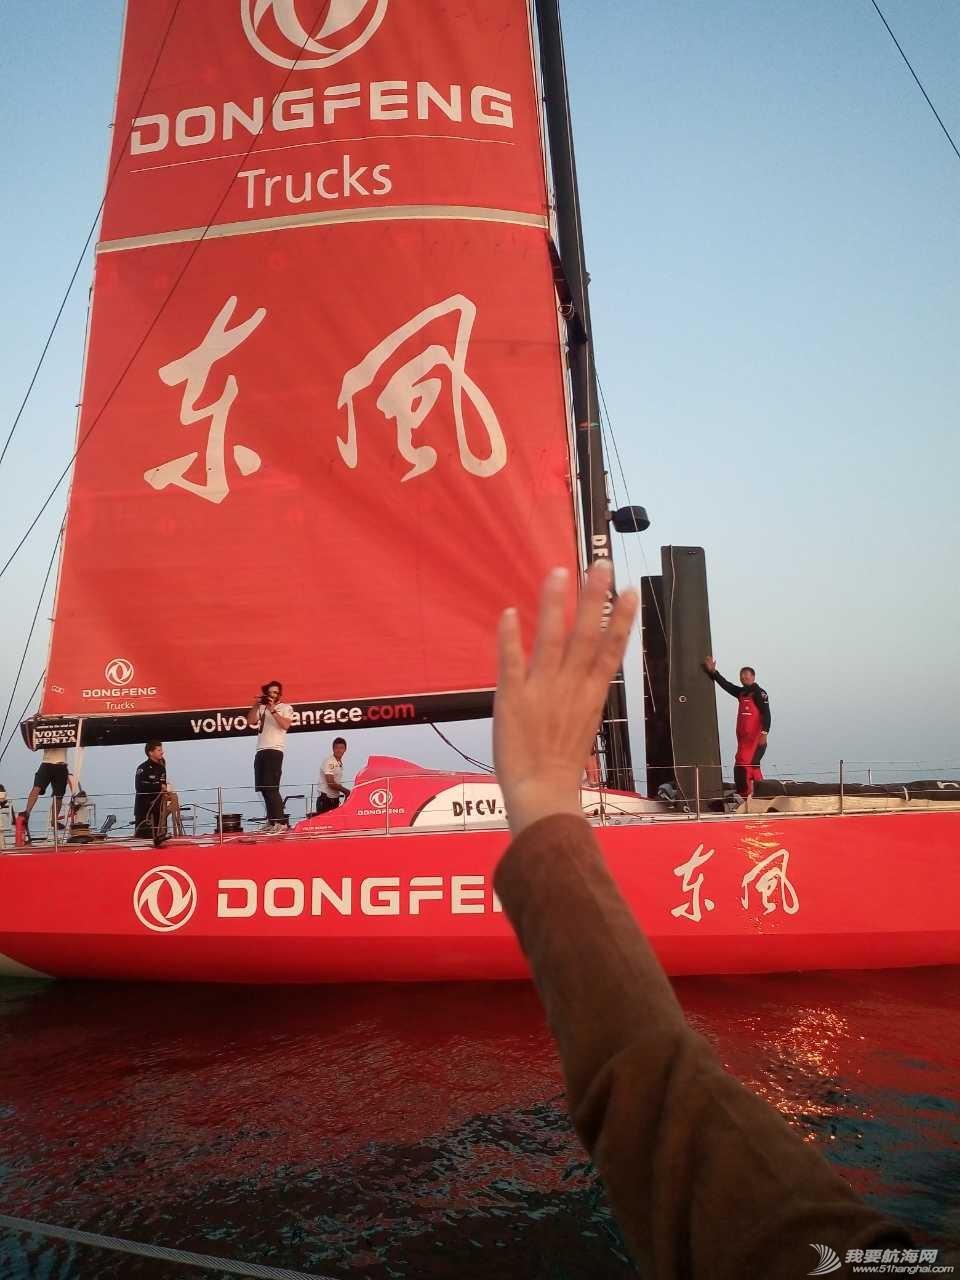 沃尔沃环球帆船赛东风队回家,第一个冲线!